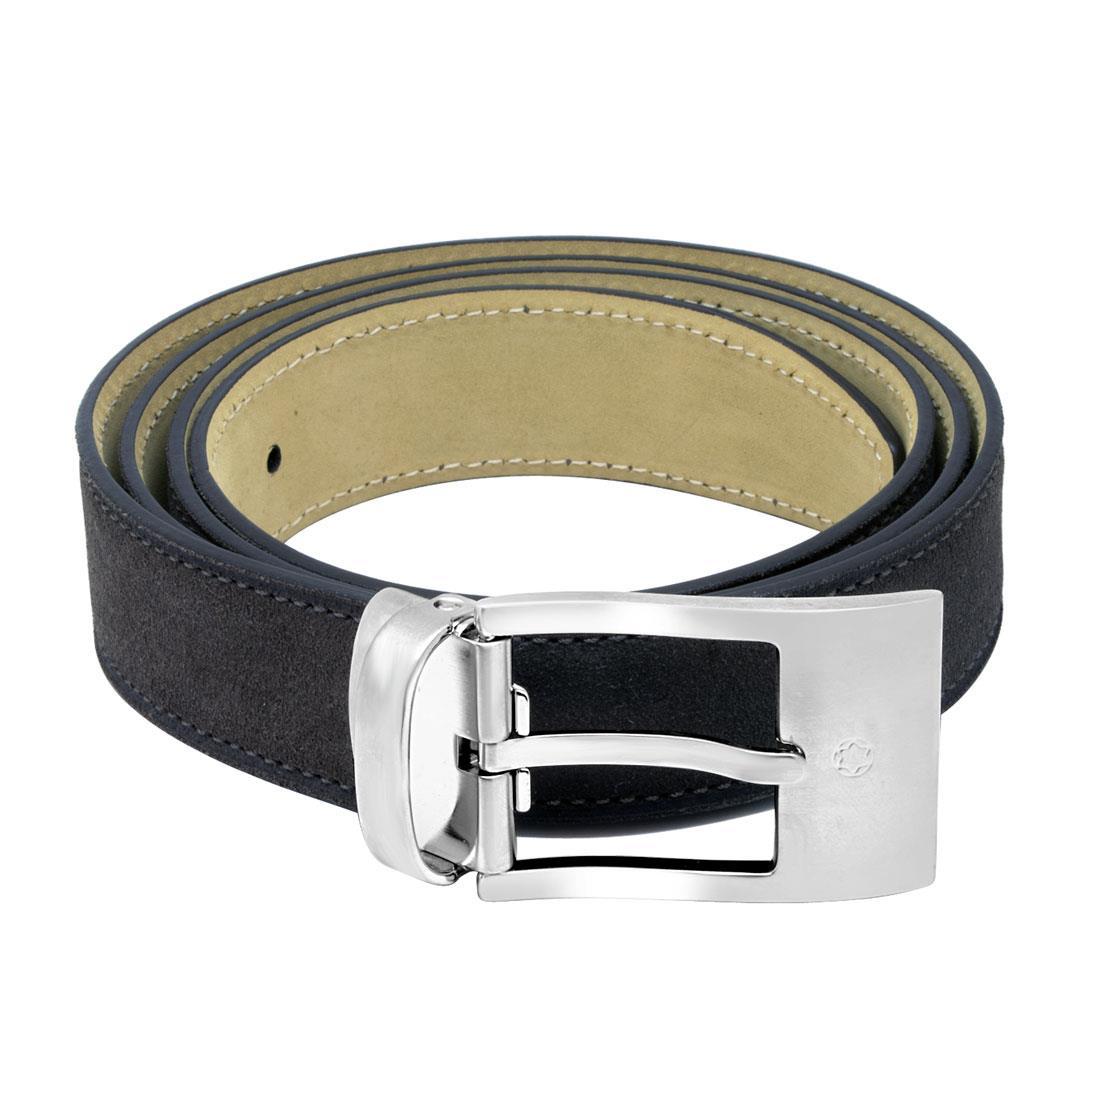 Cintura in pelle marrone con fibbia - MONTBLANC